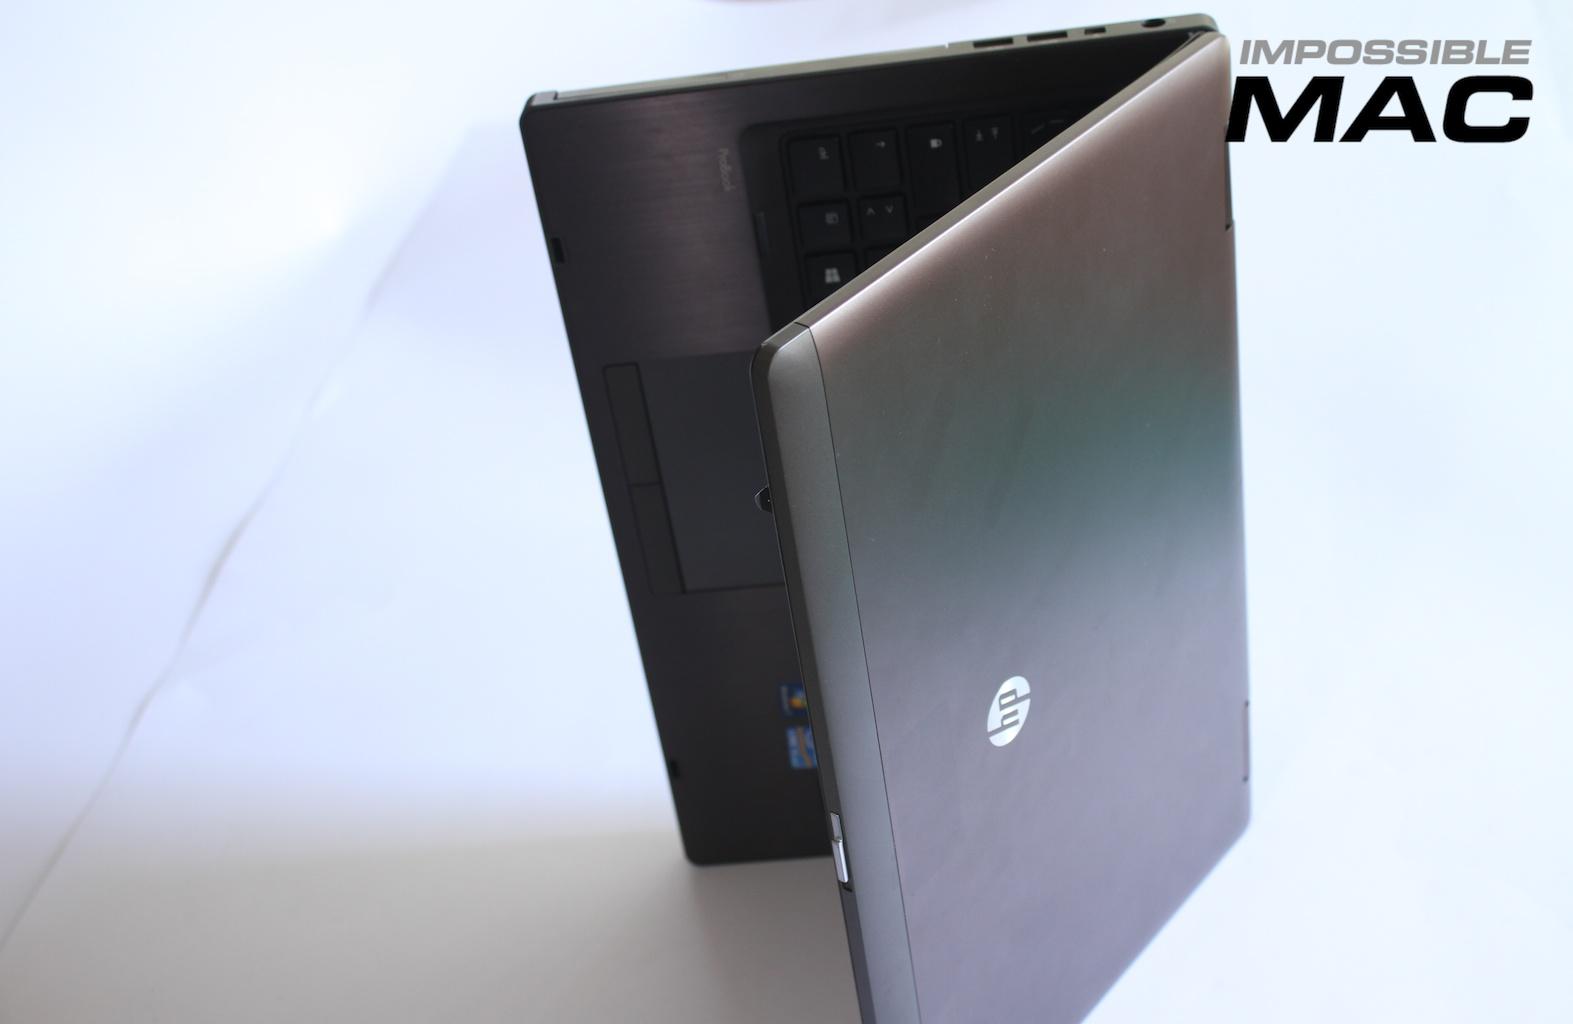 Hackintosh HP I5 ProBook 6470B – Impossible Mac